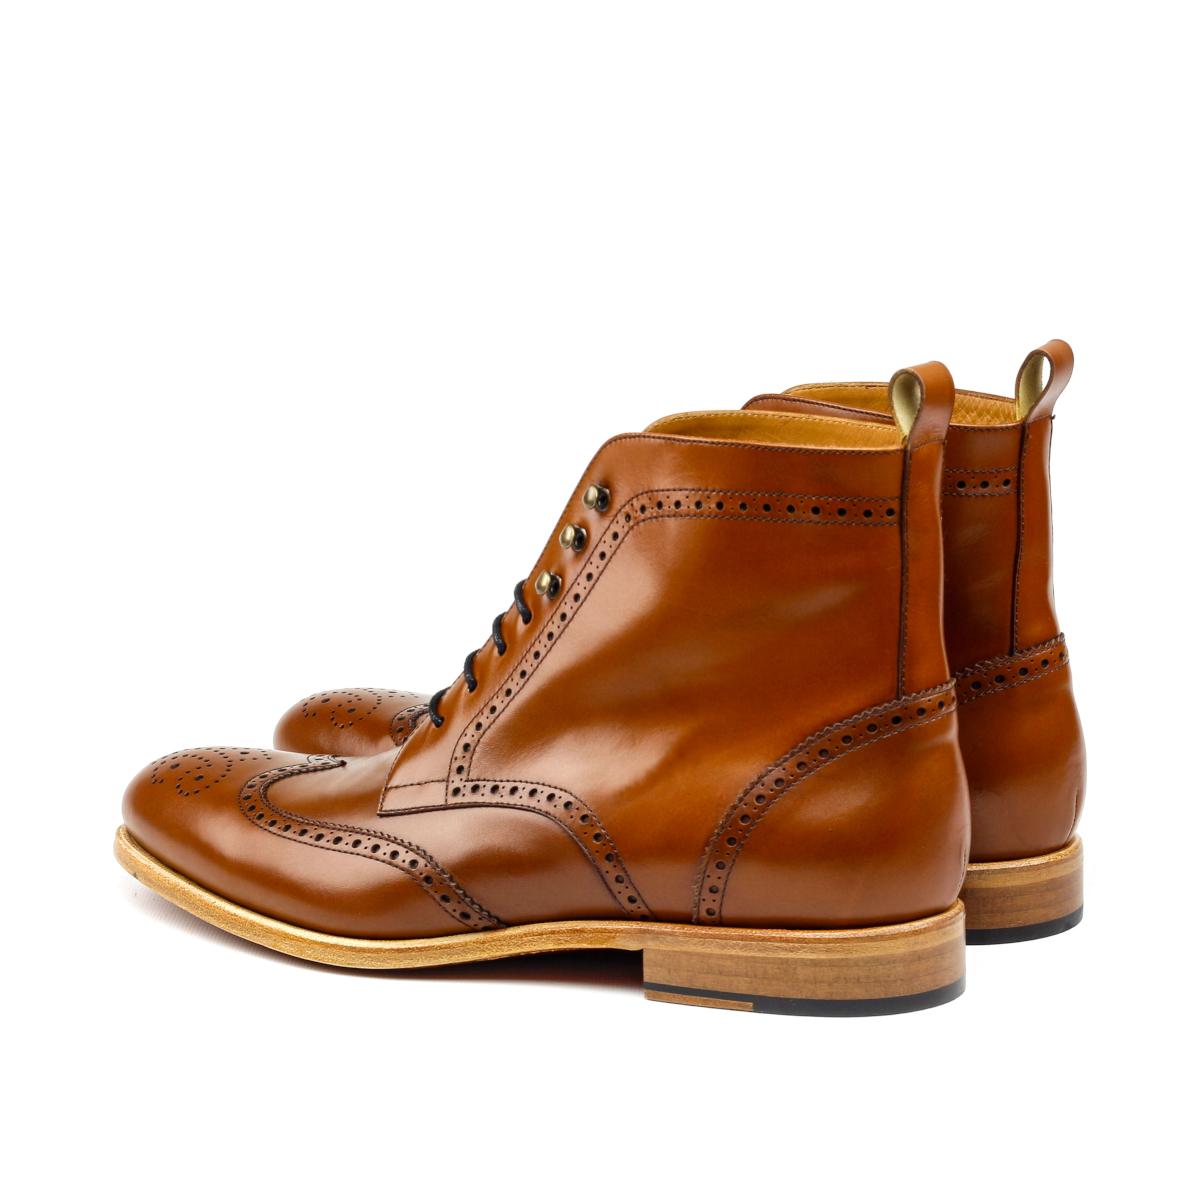 Cognac box calf wingtip boots